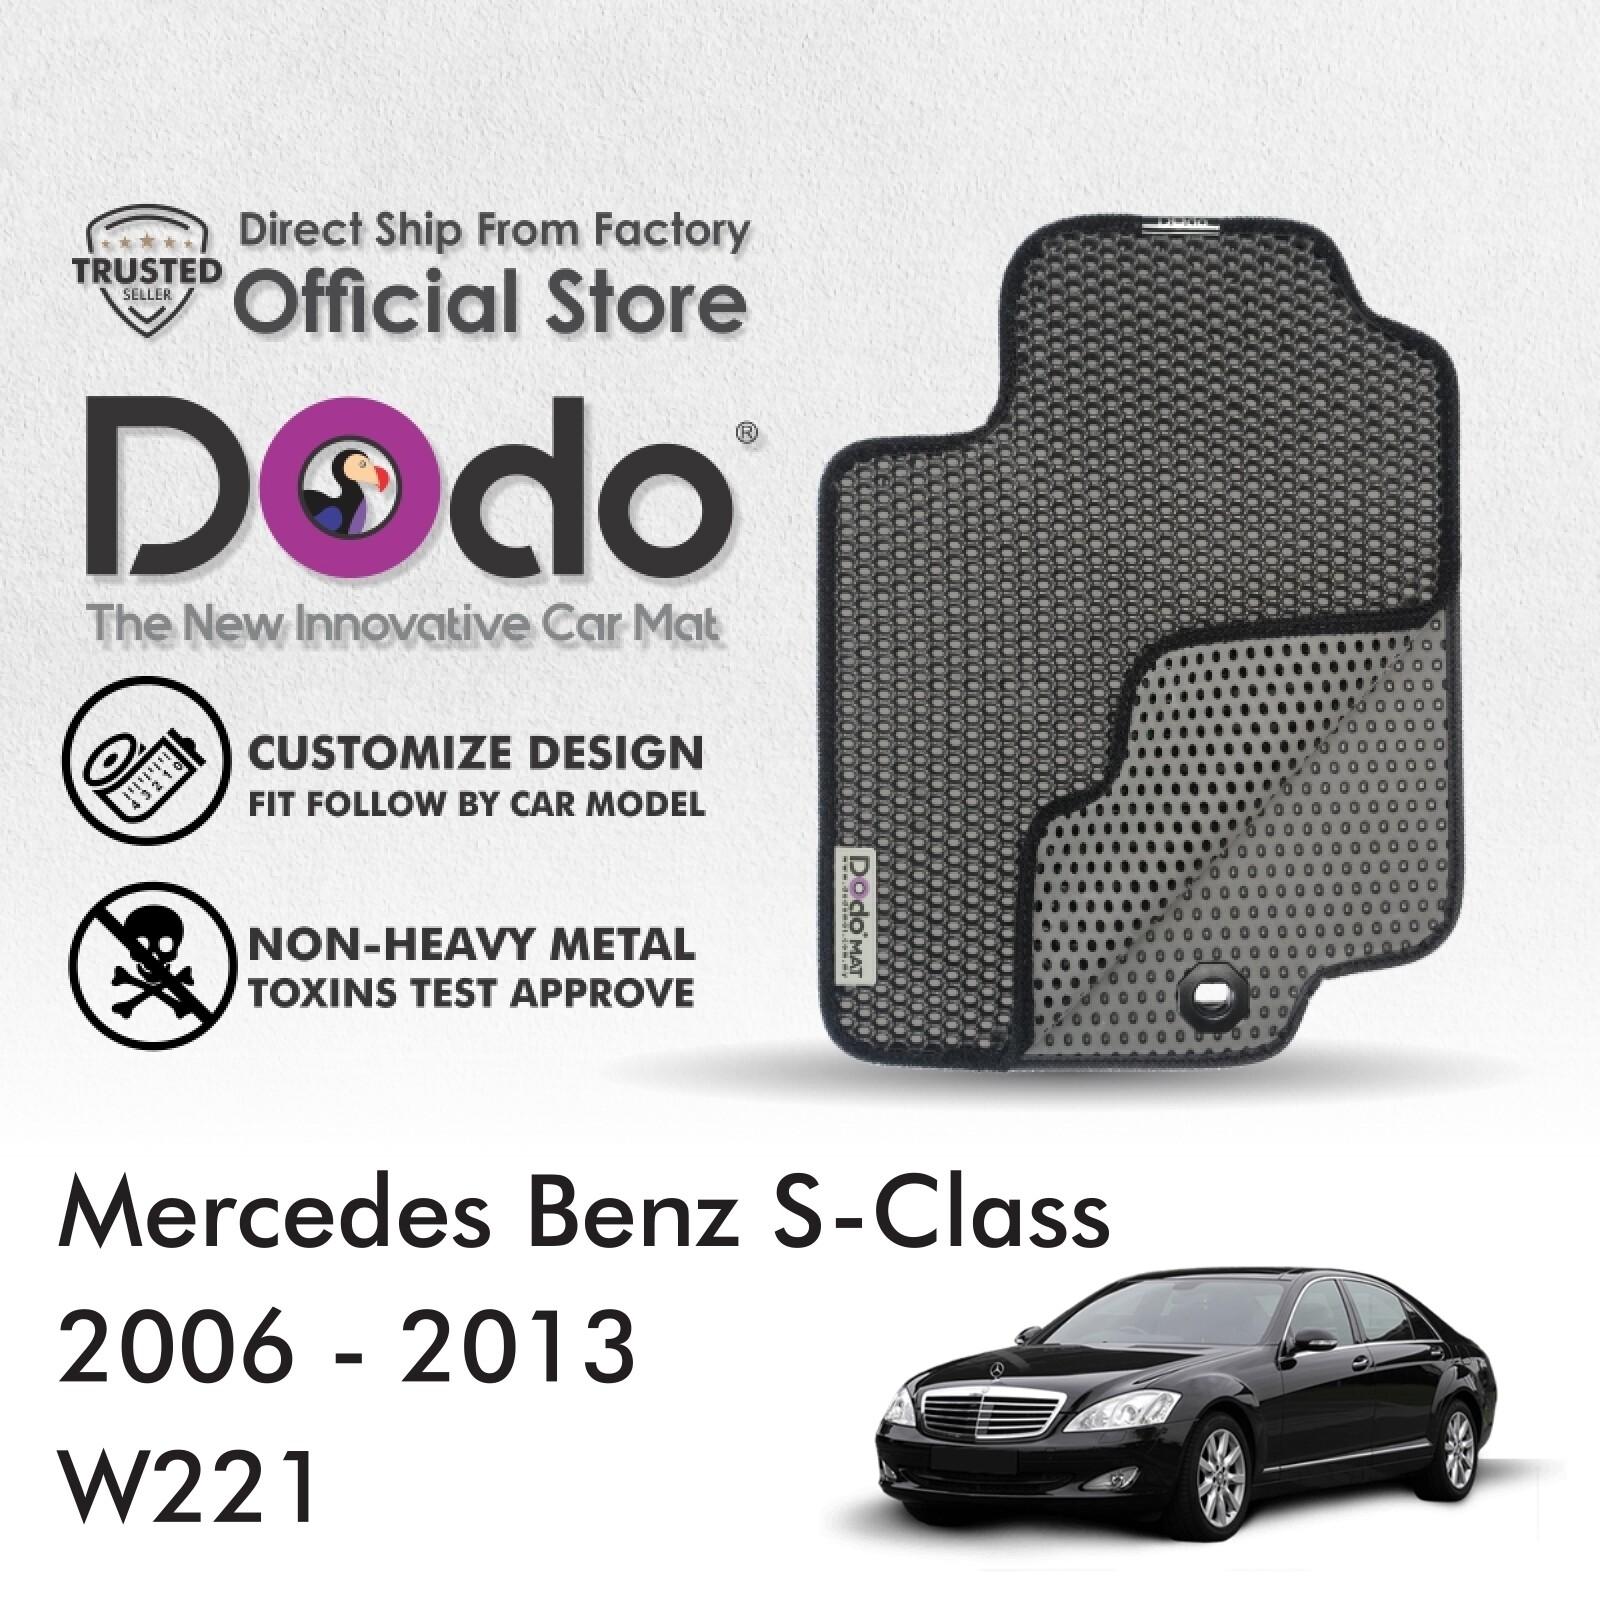 Dodo® Car Mat / Mercedes Benz S-Class / 2006 - 2013 / W221